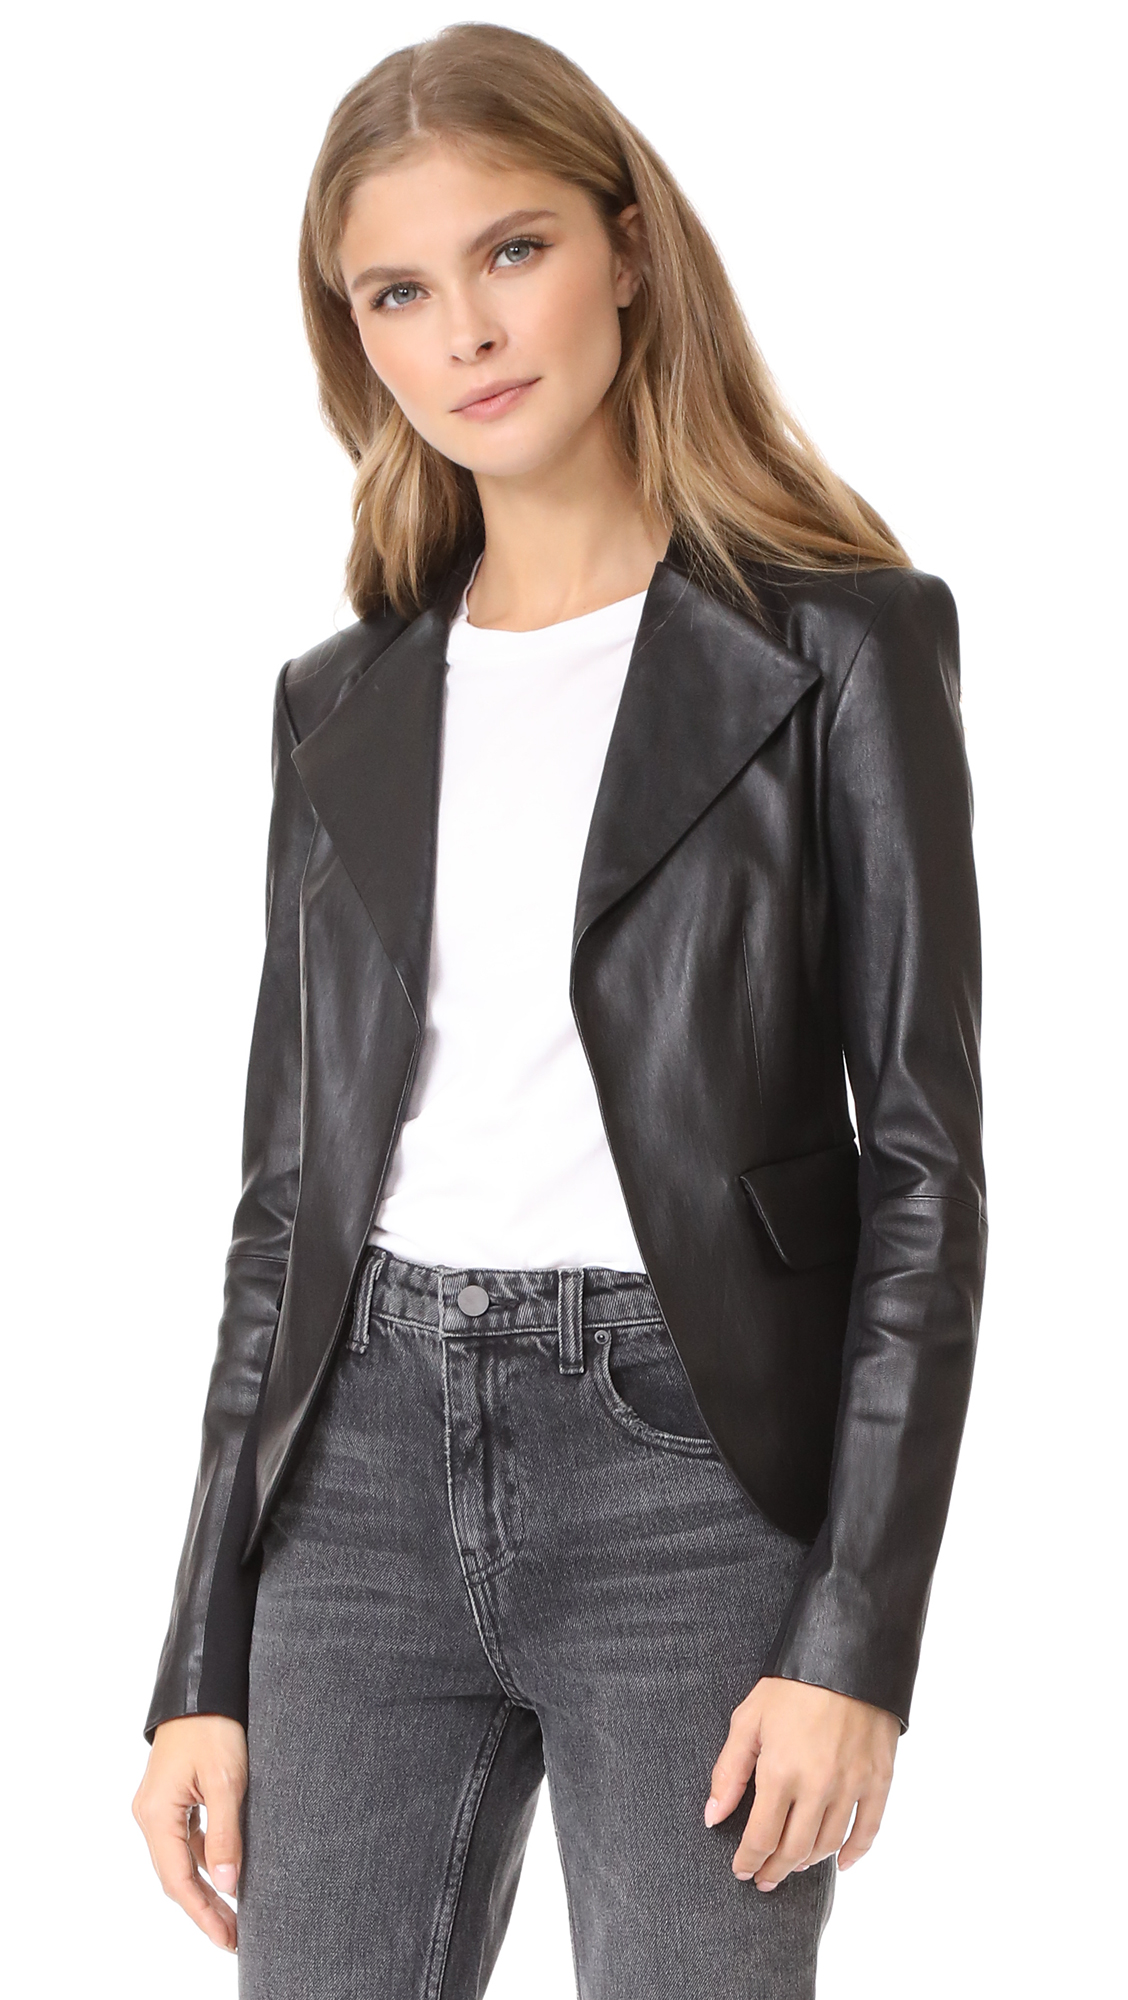 Theory Peplum Leather Jacket - Black